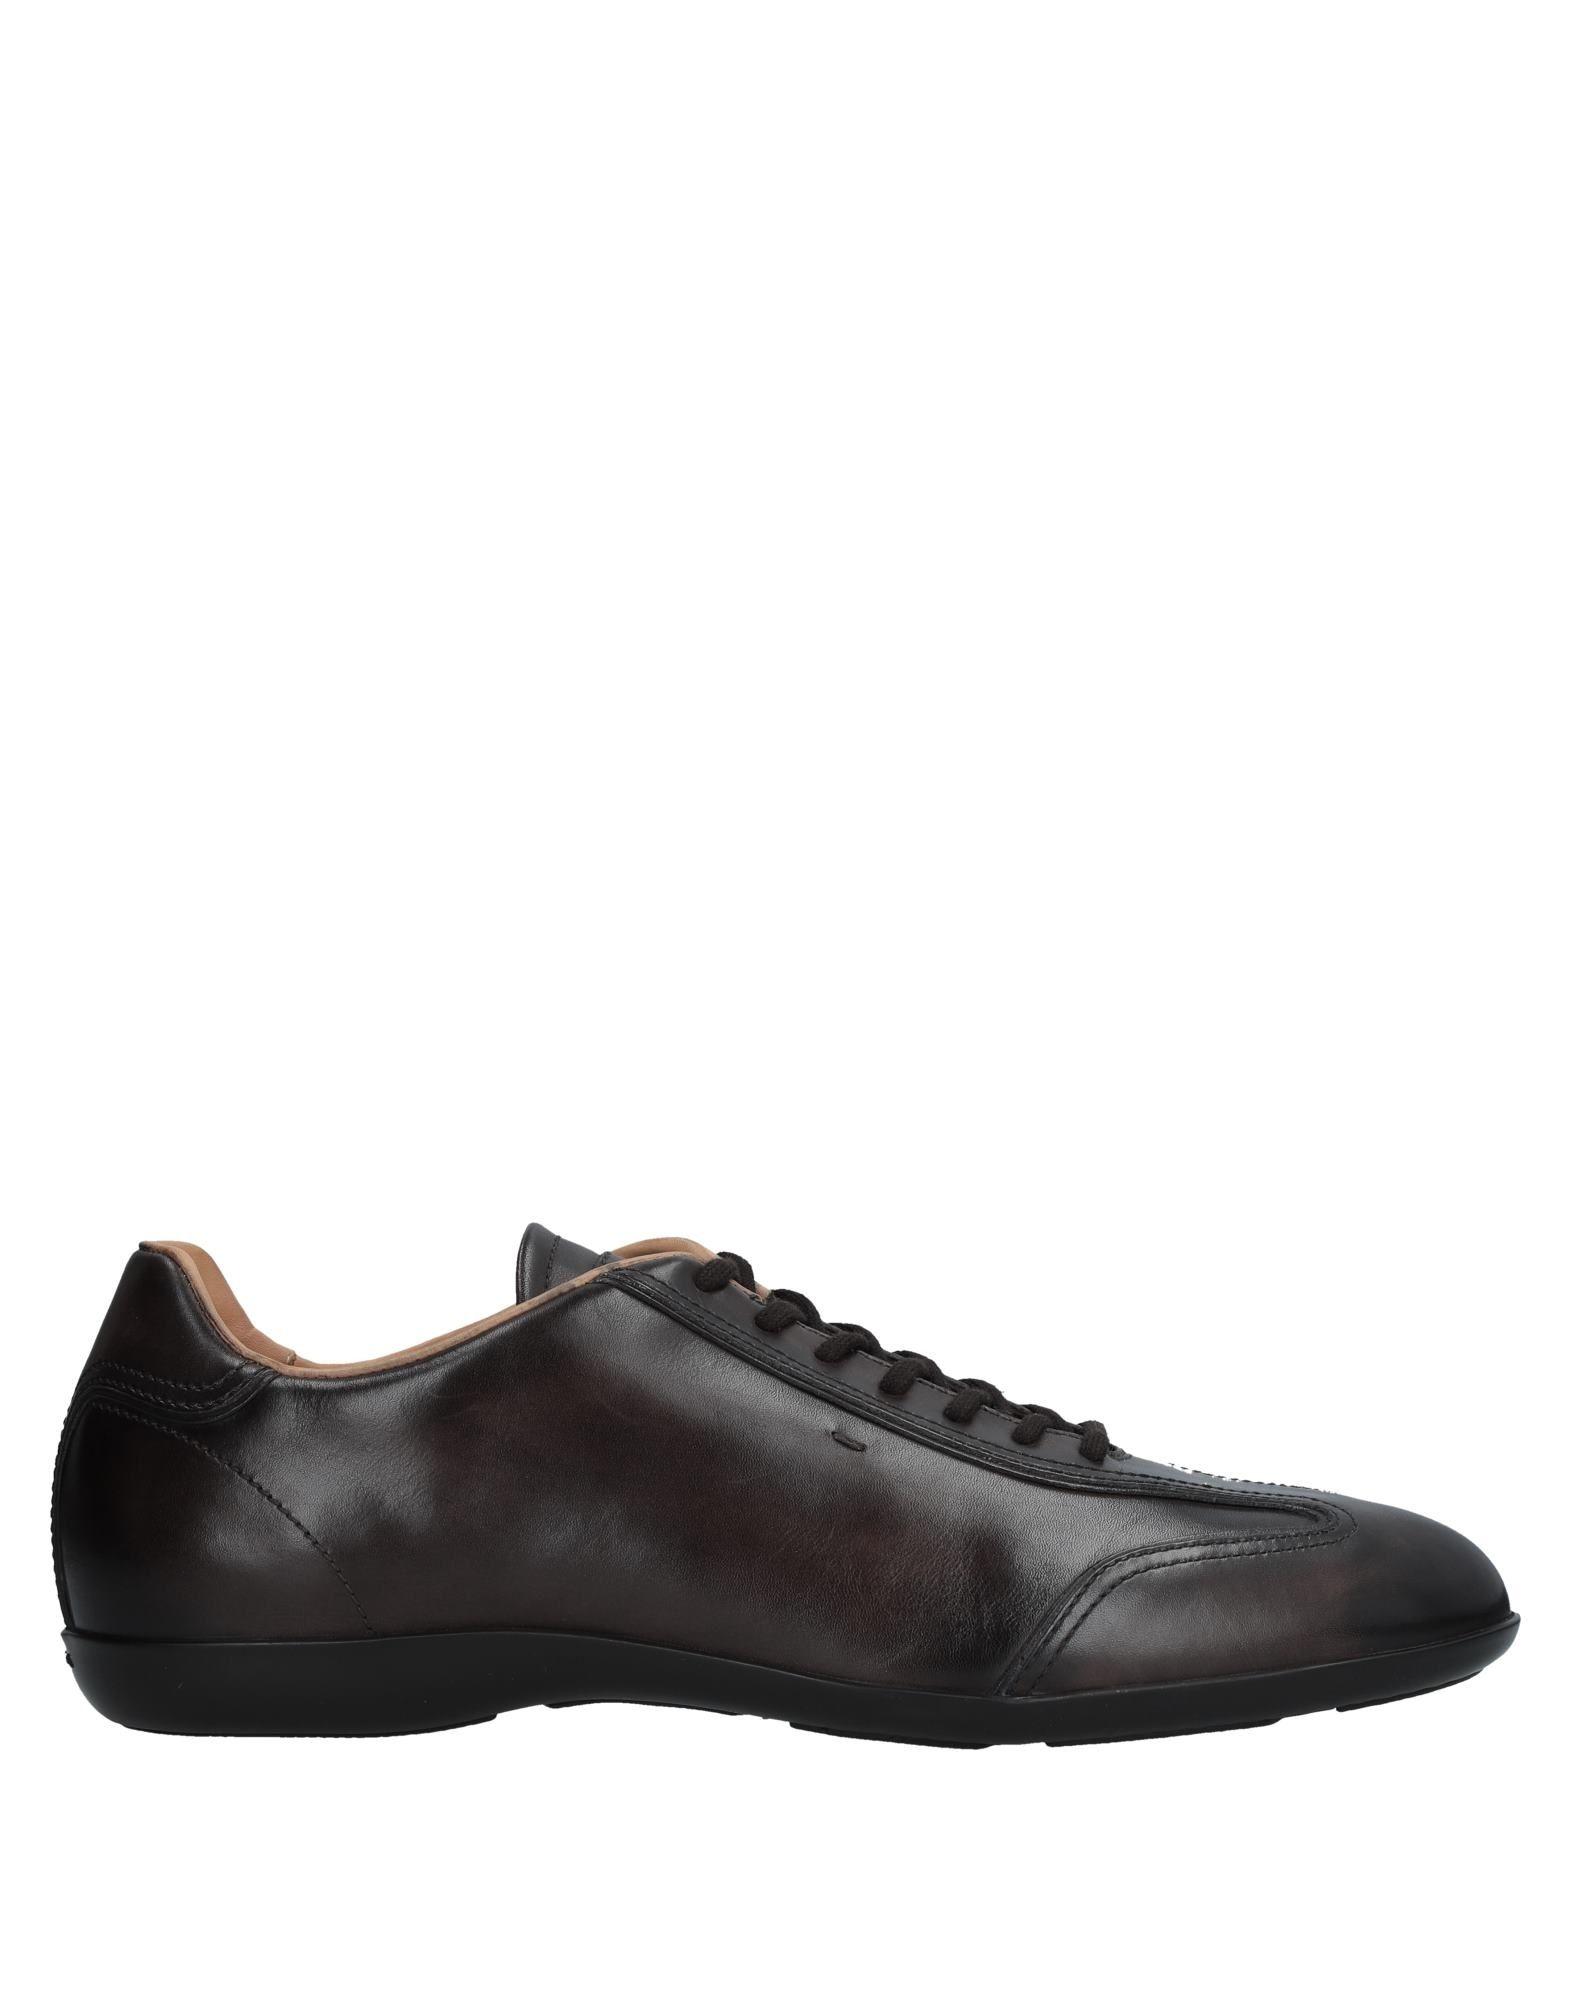 Santoni Sneakers Herren  11541989FA Gute Qualität beliebte Schuhe